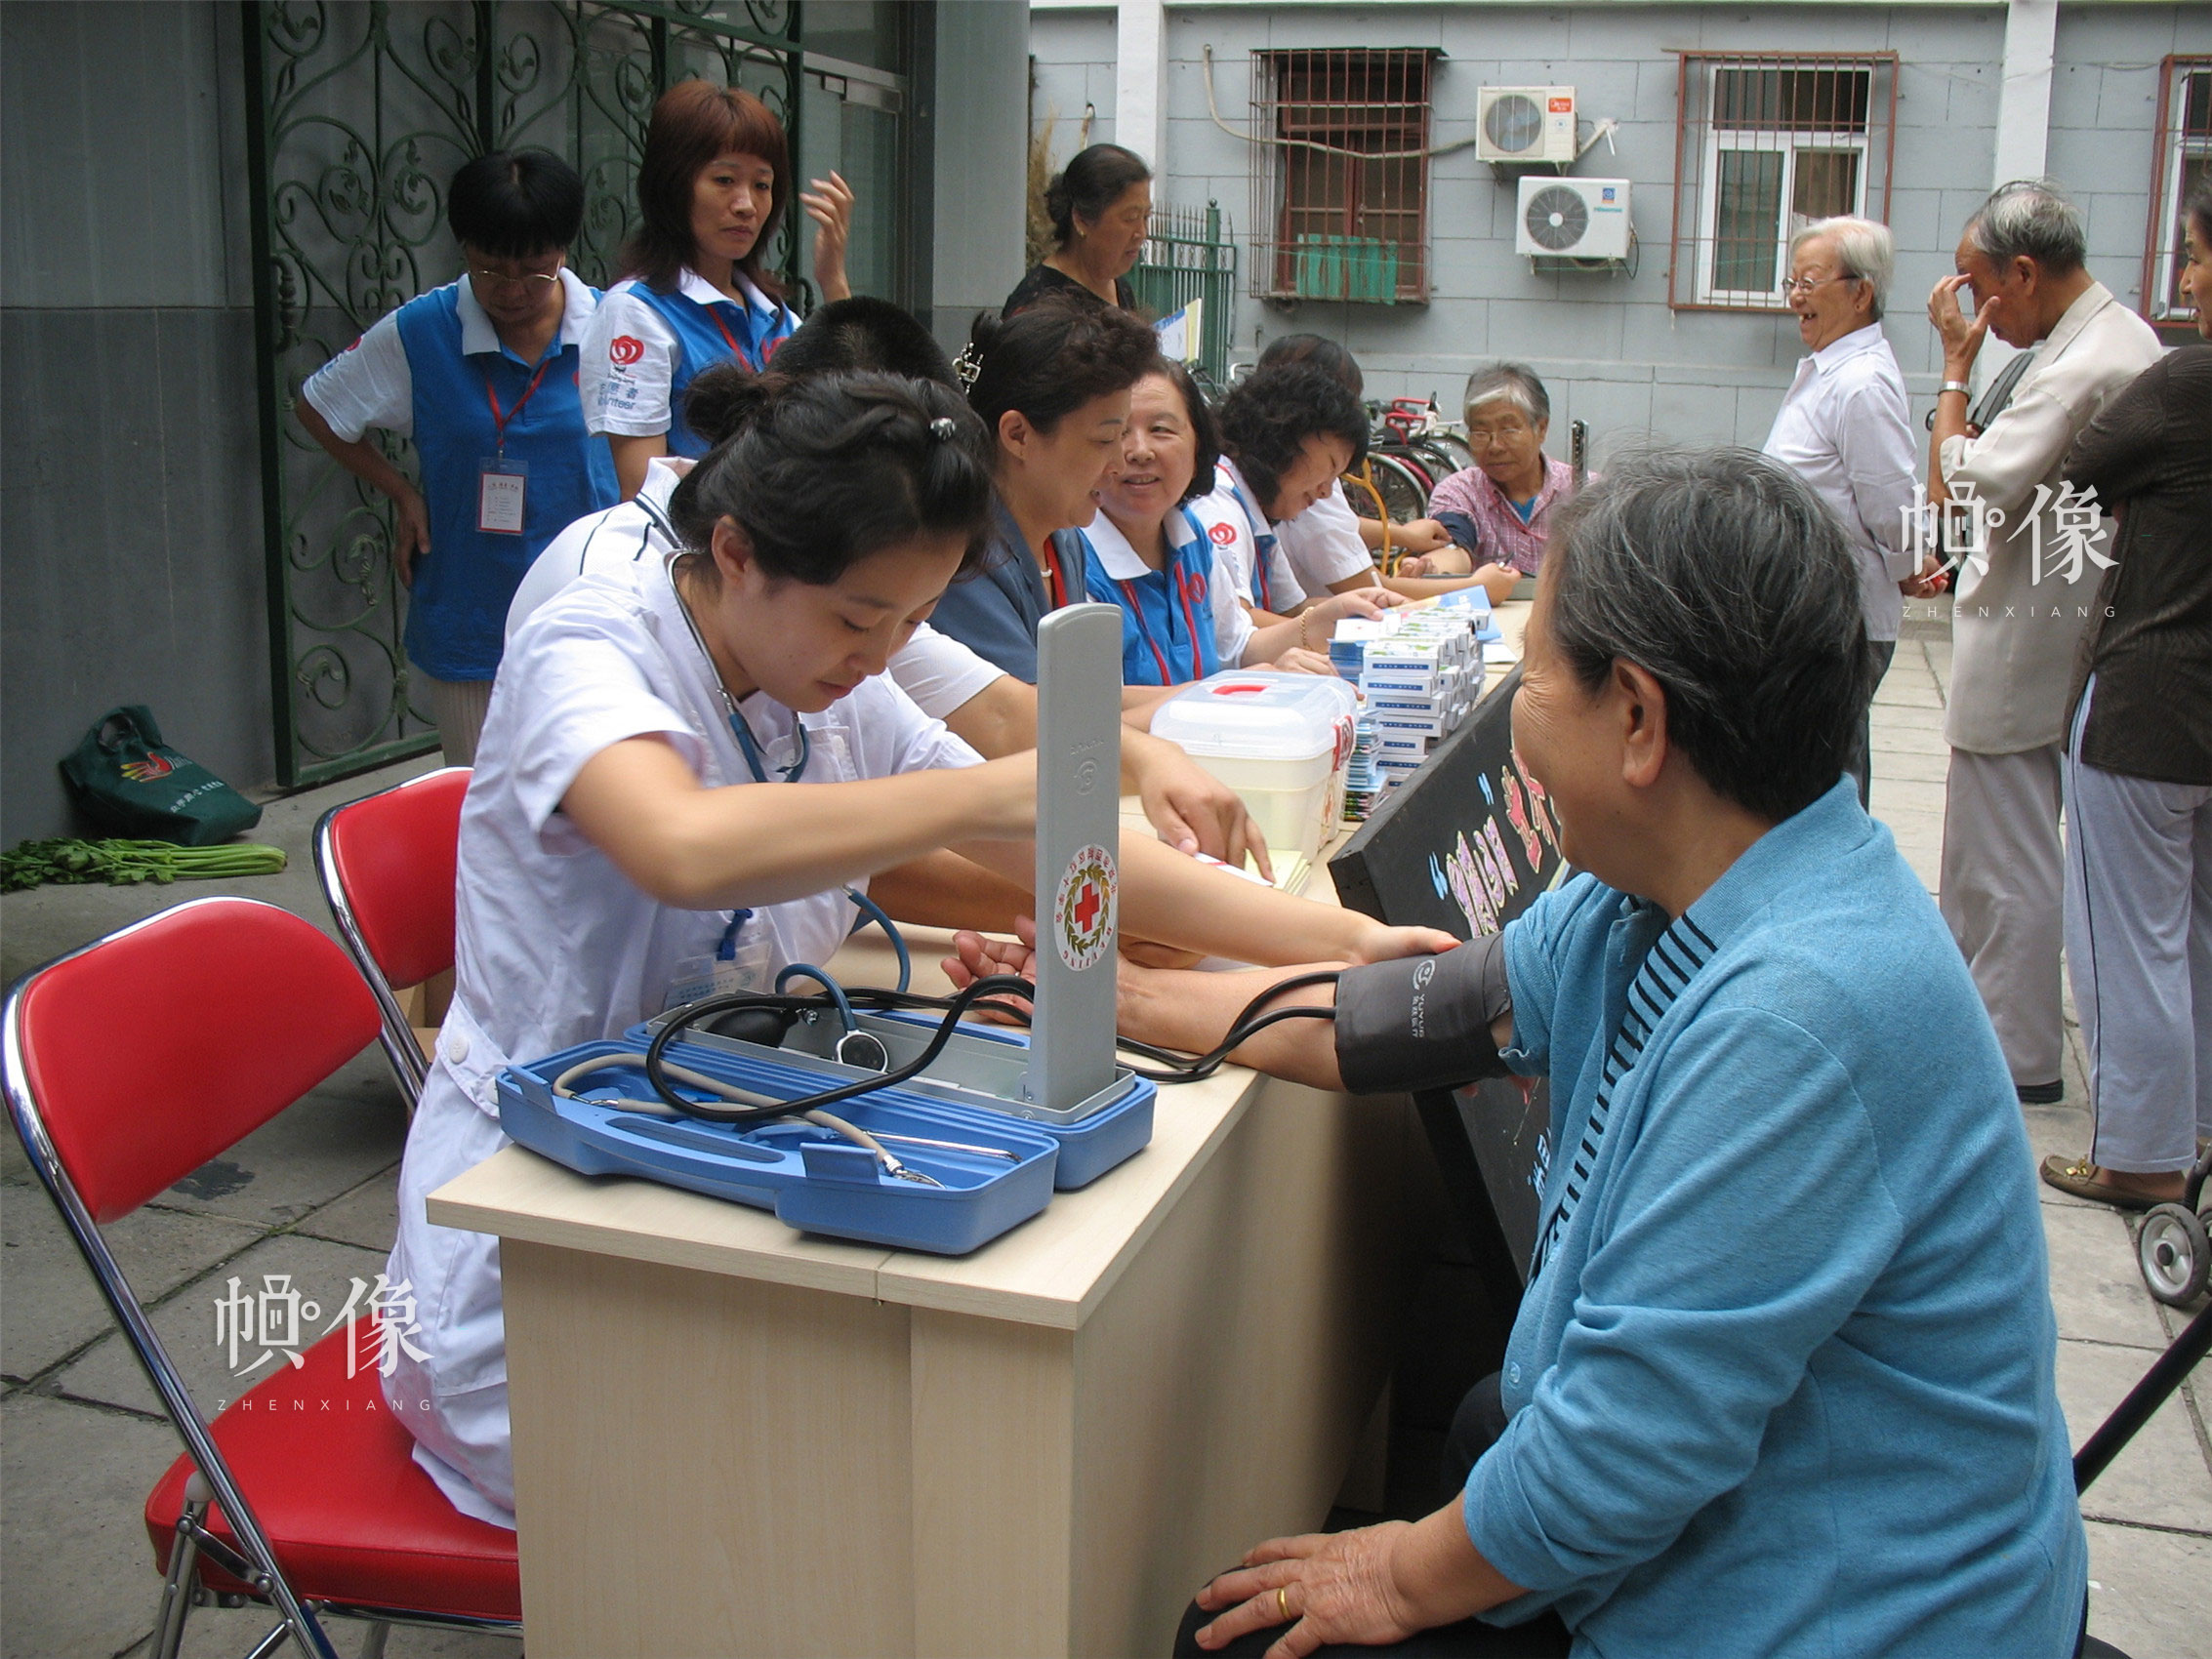 2008年9月13日,西城区红十字会志愿者为社区居民进行义诊。(西城区红十字会供图)